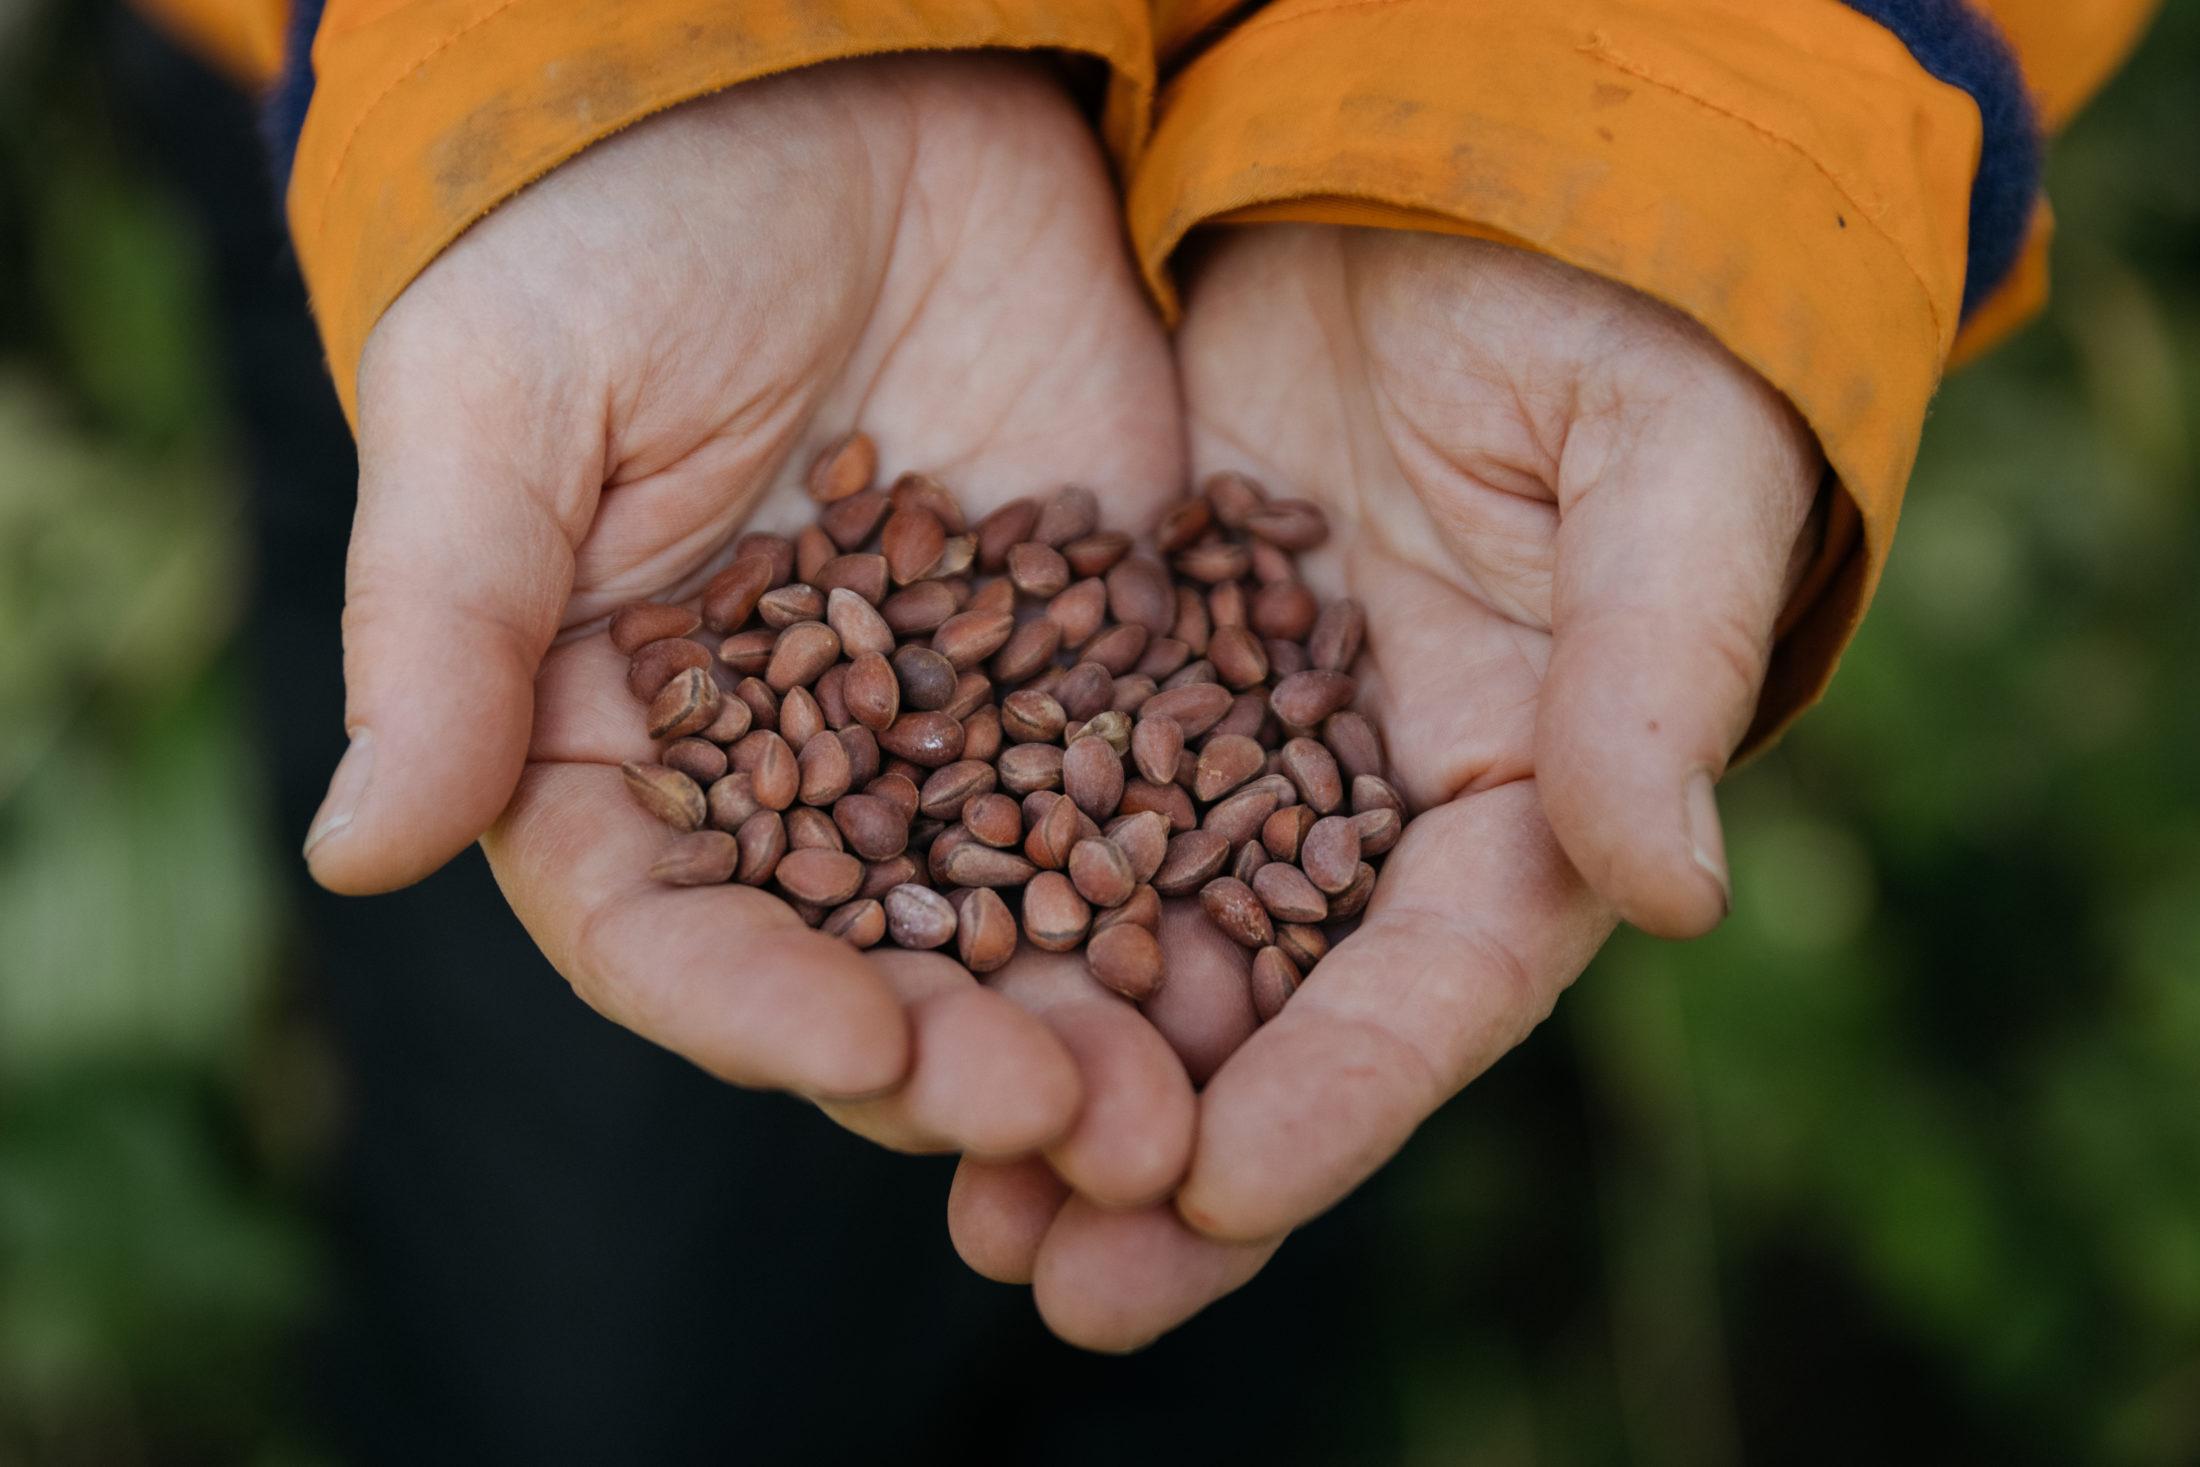 Sybille Haeussler holds whitebark pine seeds